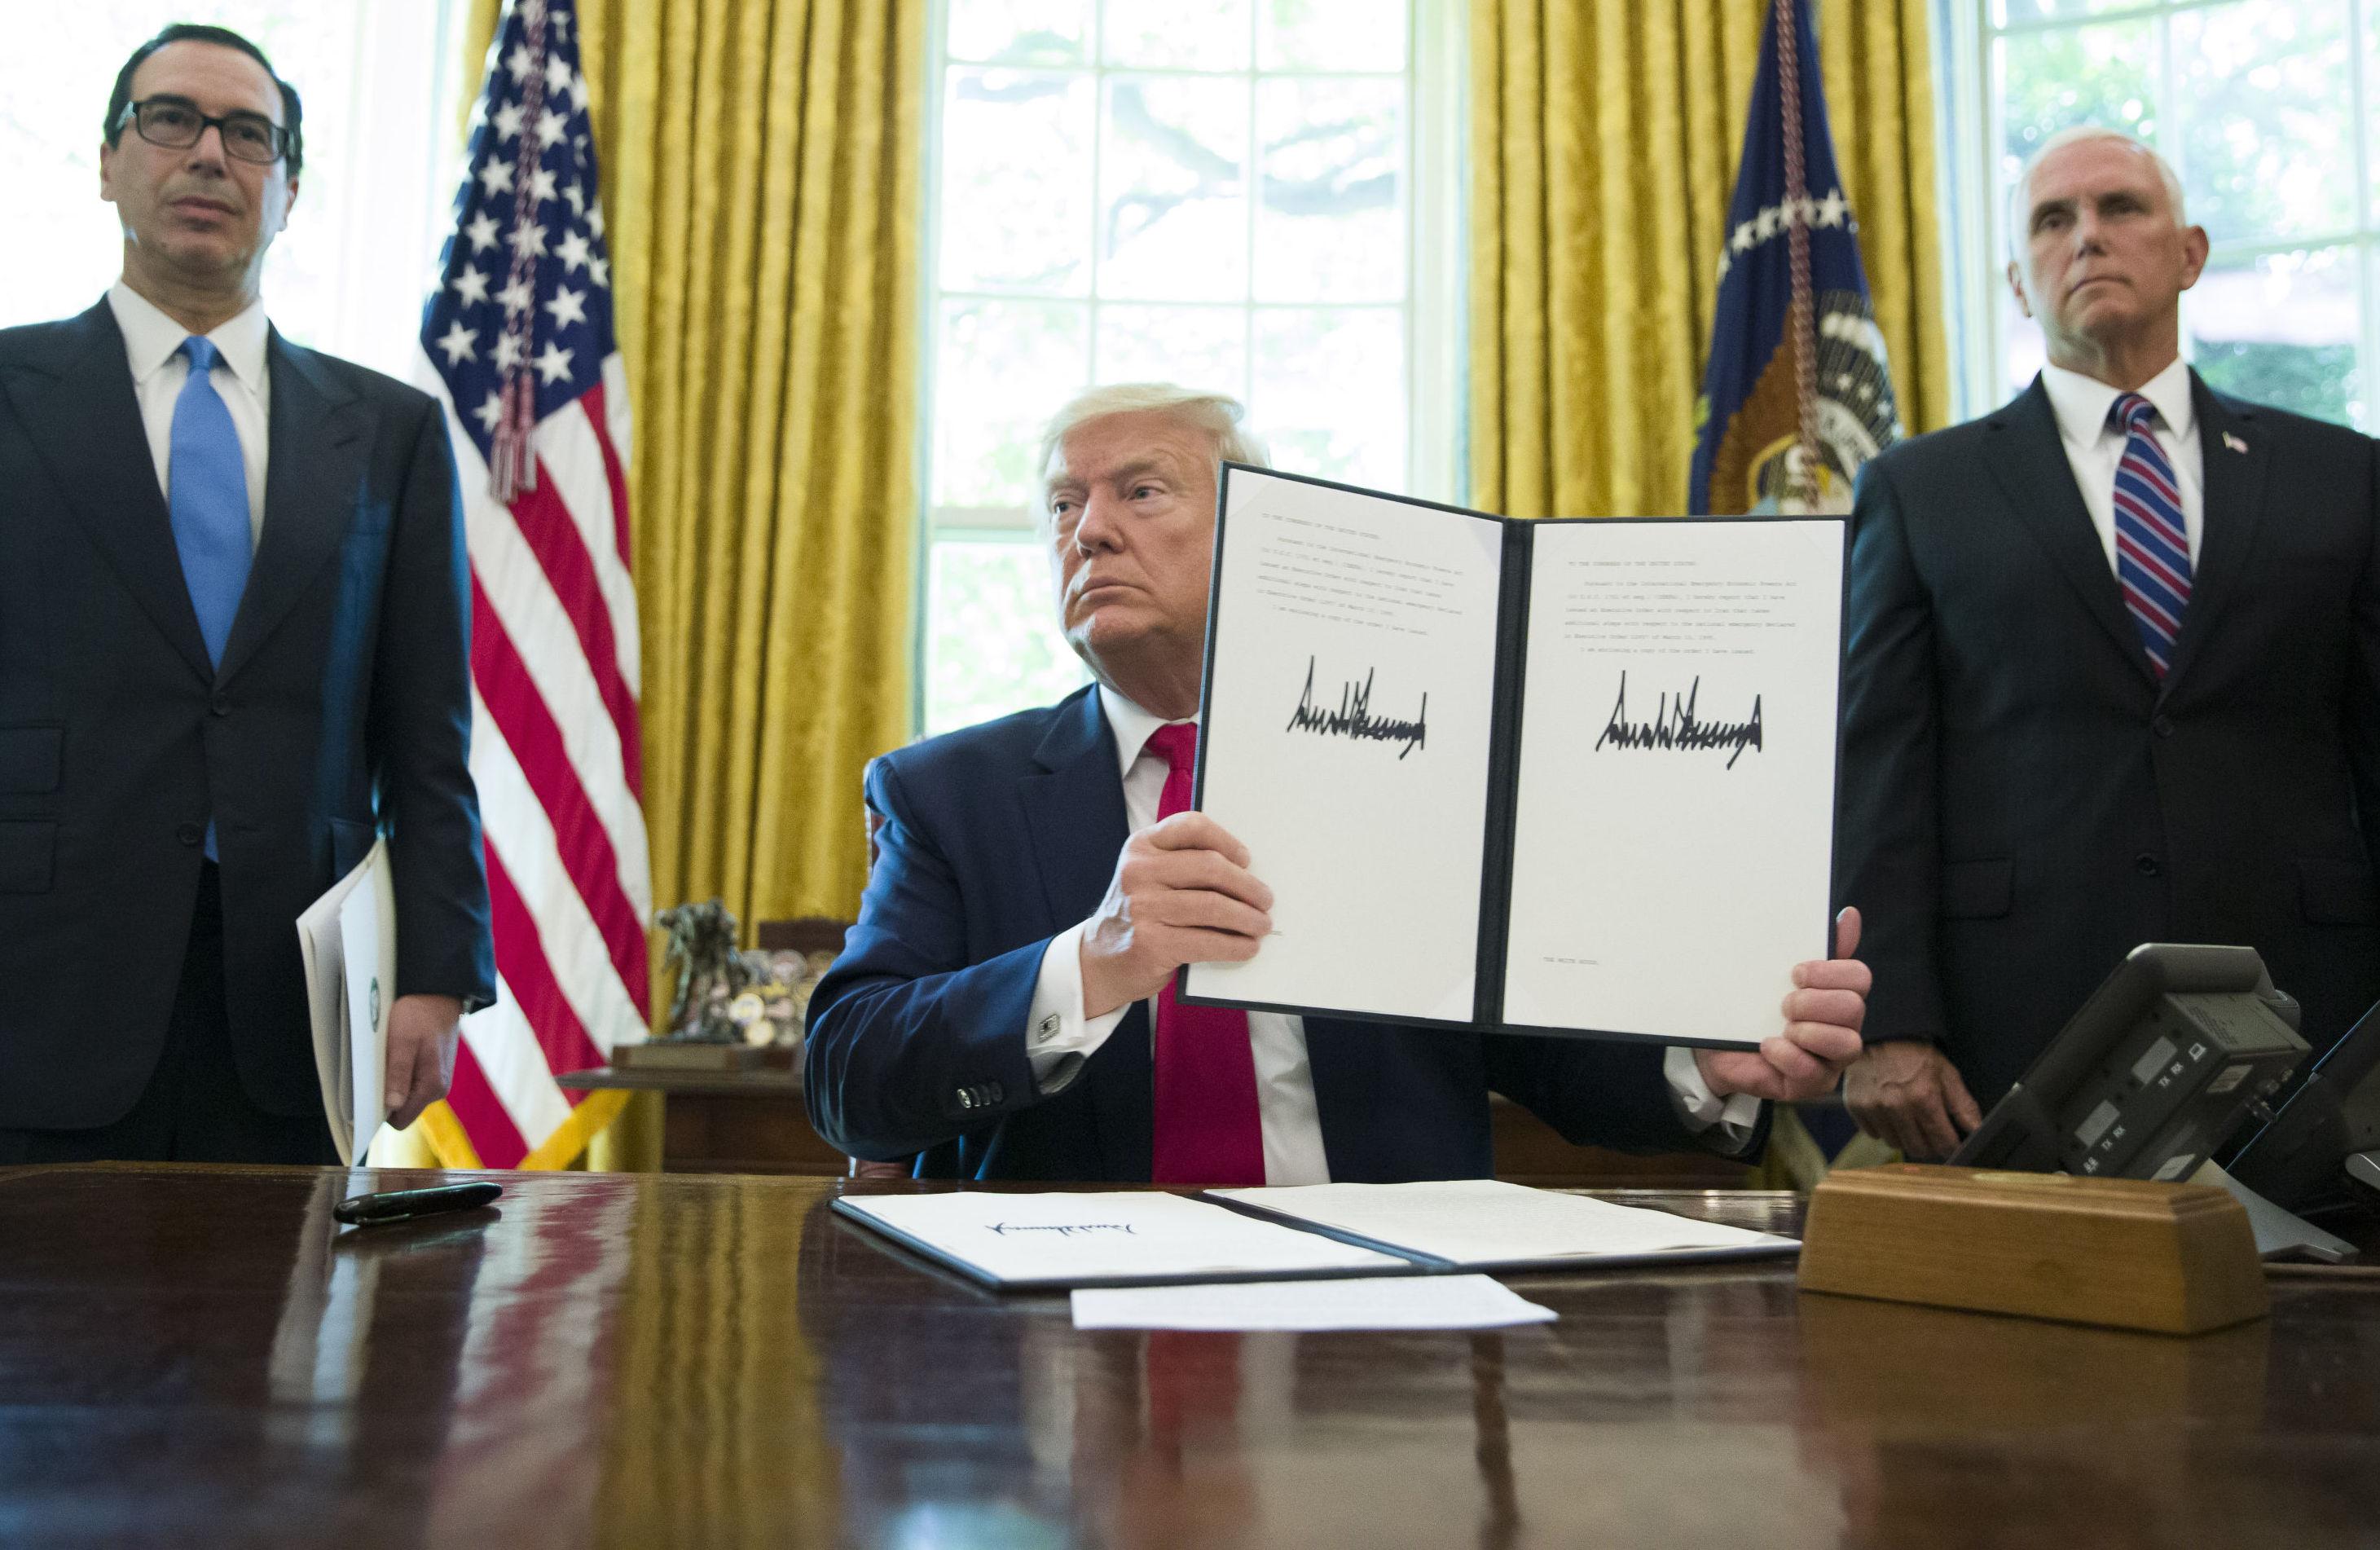 Trump mostra a ordem executiva assinada que aumenta sanções contra o Irã, 24 de junho